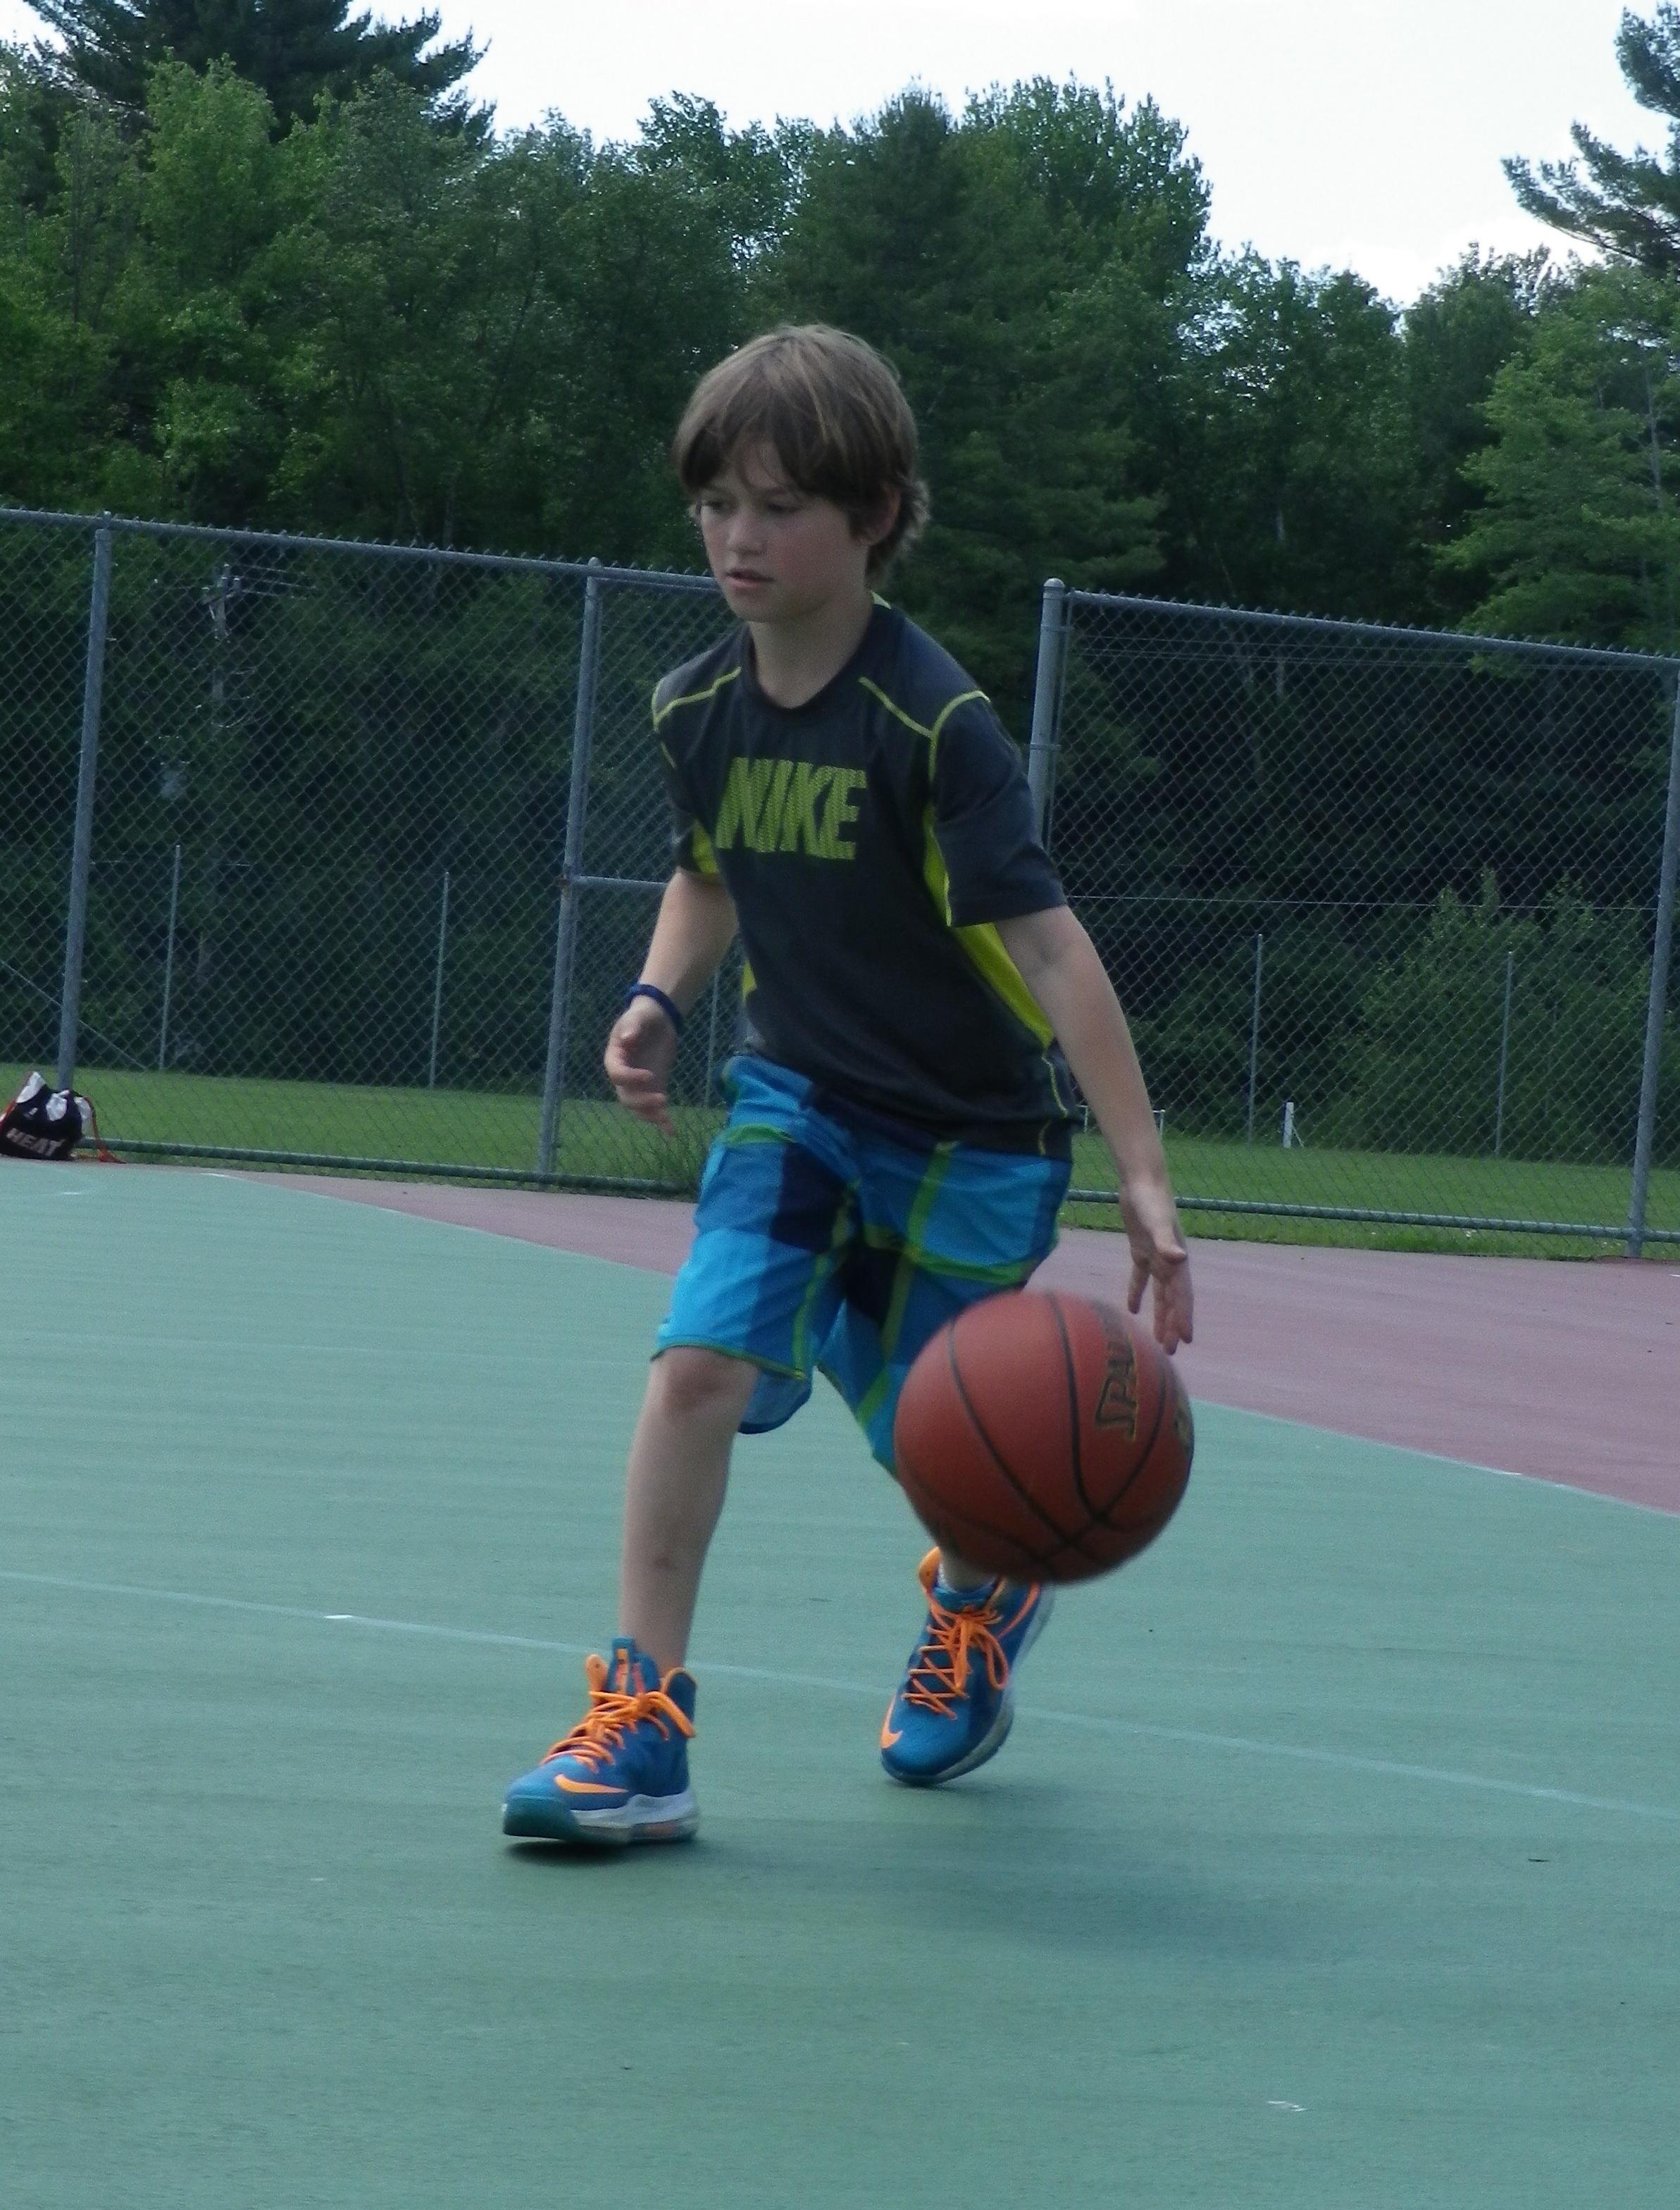 f563bc4e6a0abe064a13_jake_karp_basketball_cropped2.jpg